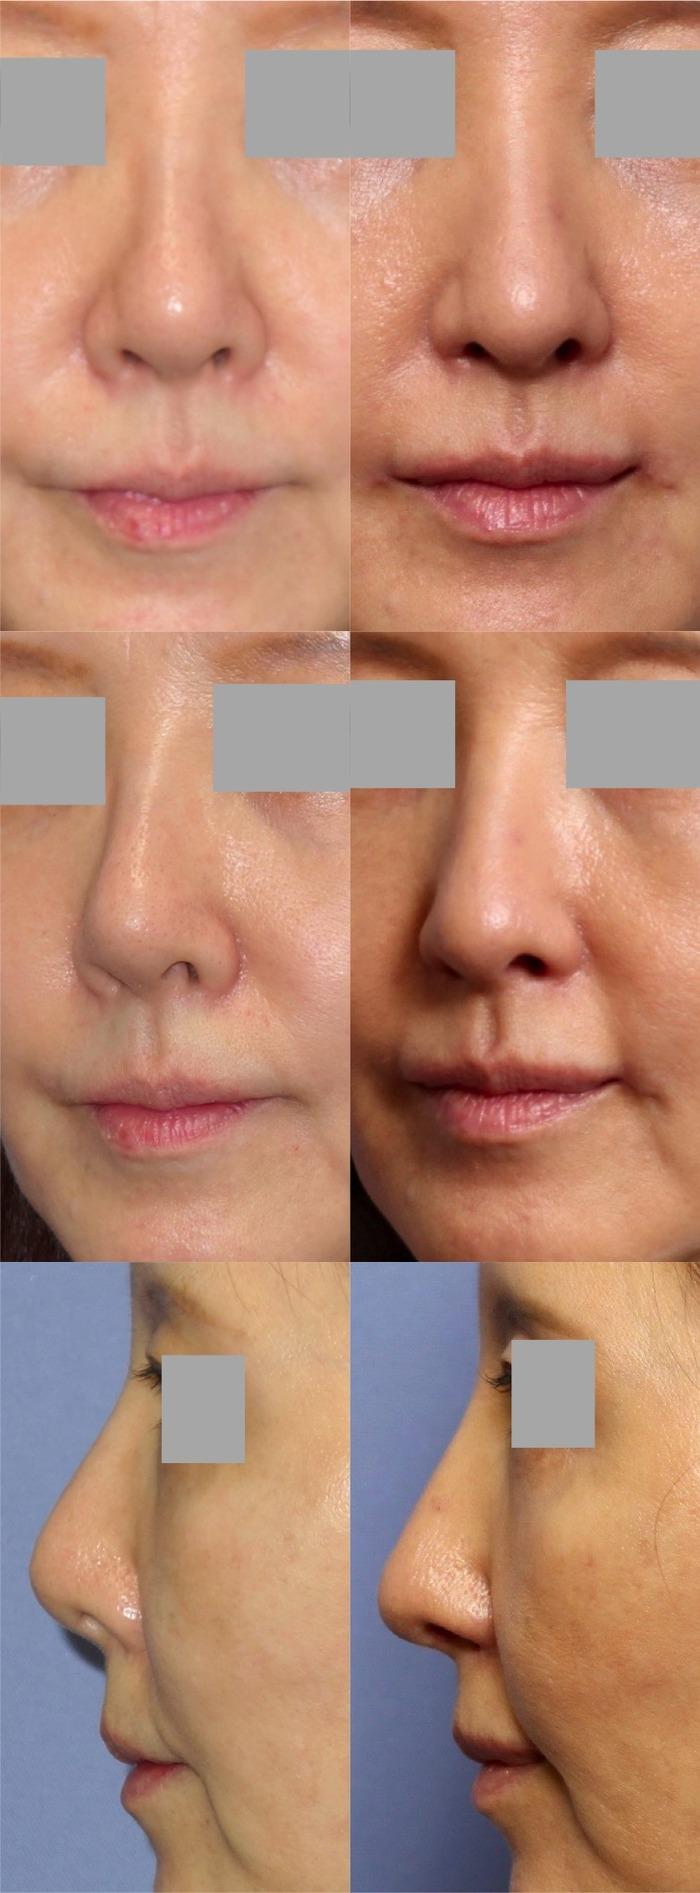 鼻中隔延長術 隆鼻術 鼻翼挙上術 口角挙上術 術後2ヶ月 拡大像